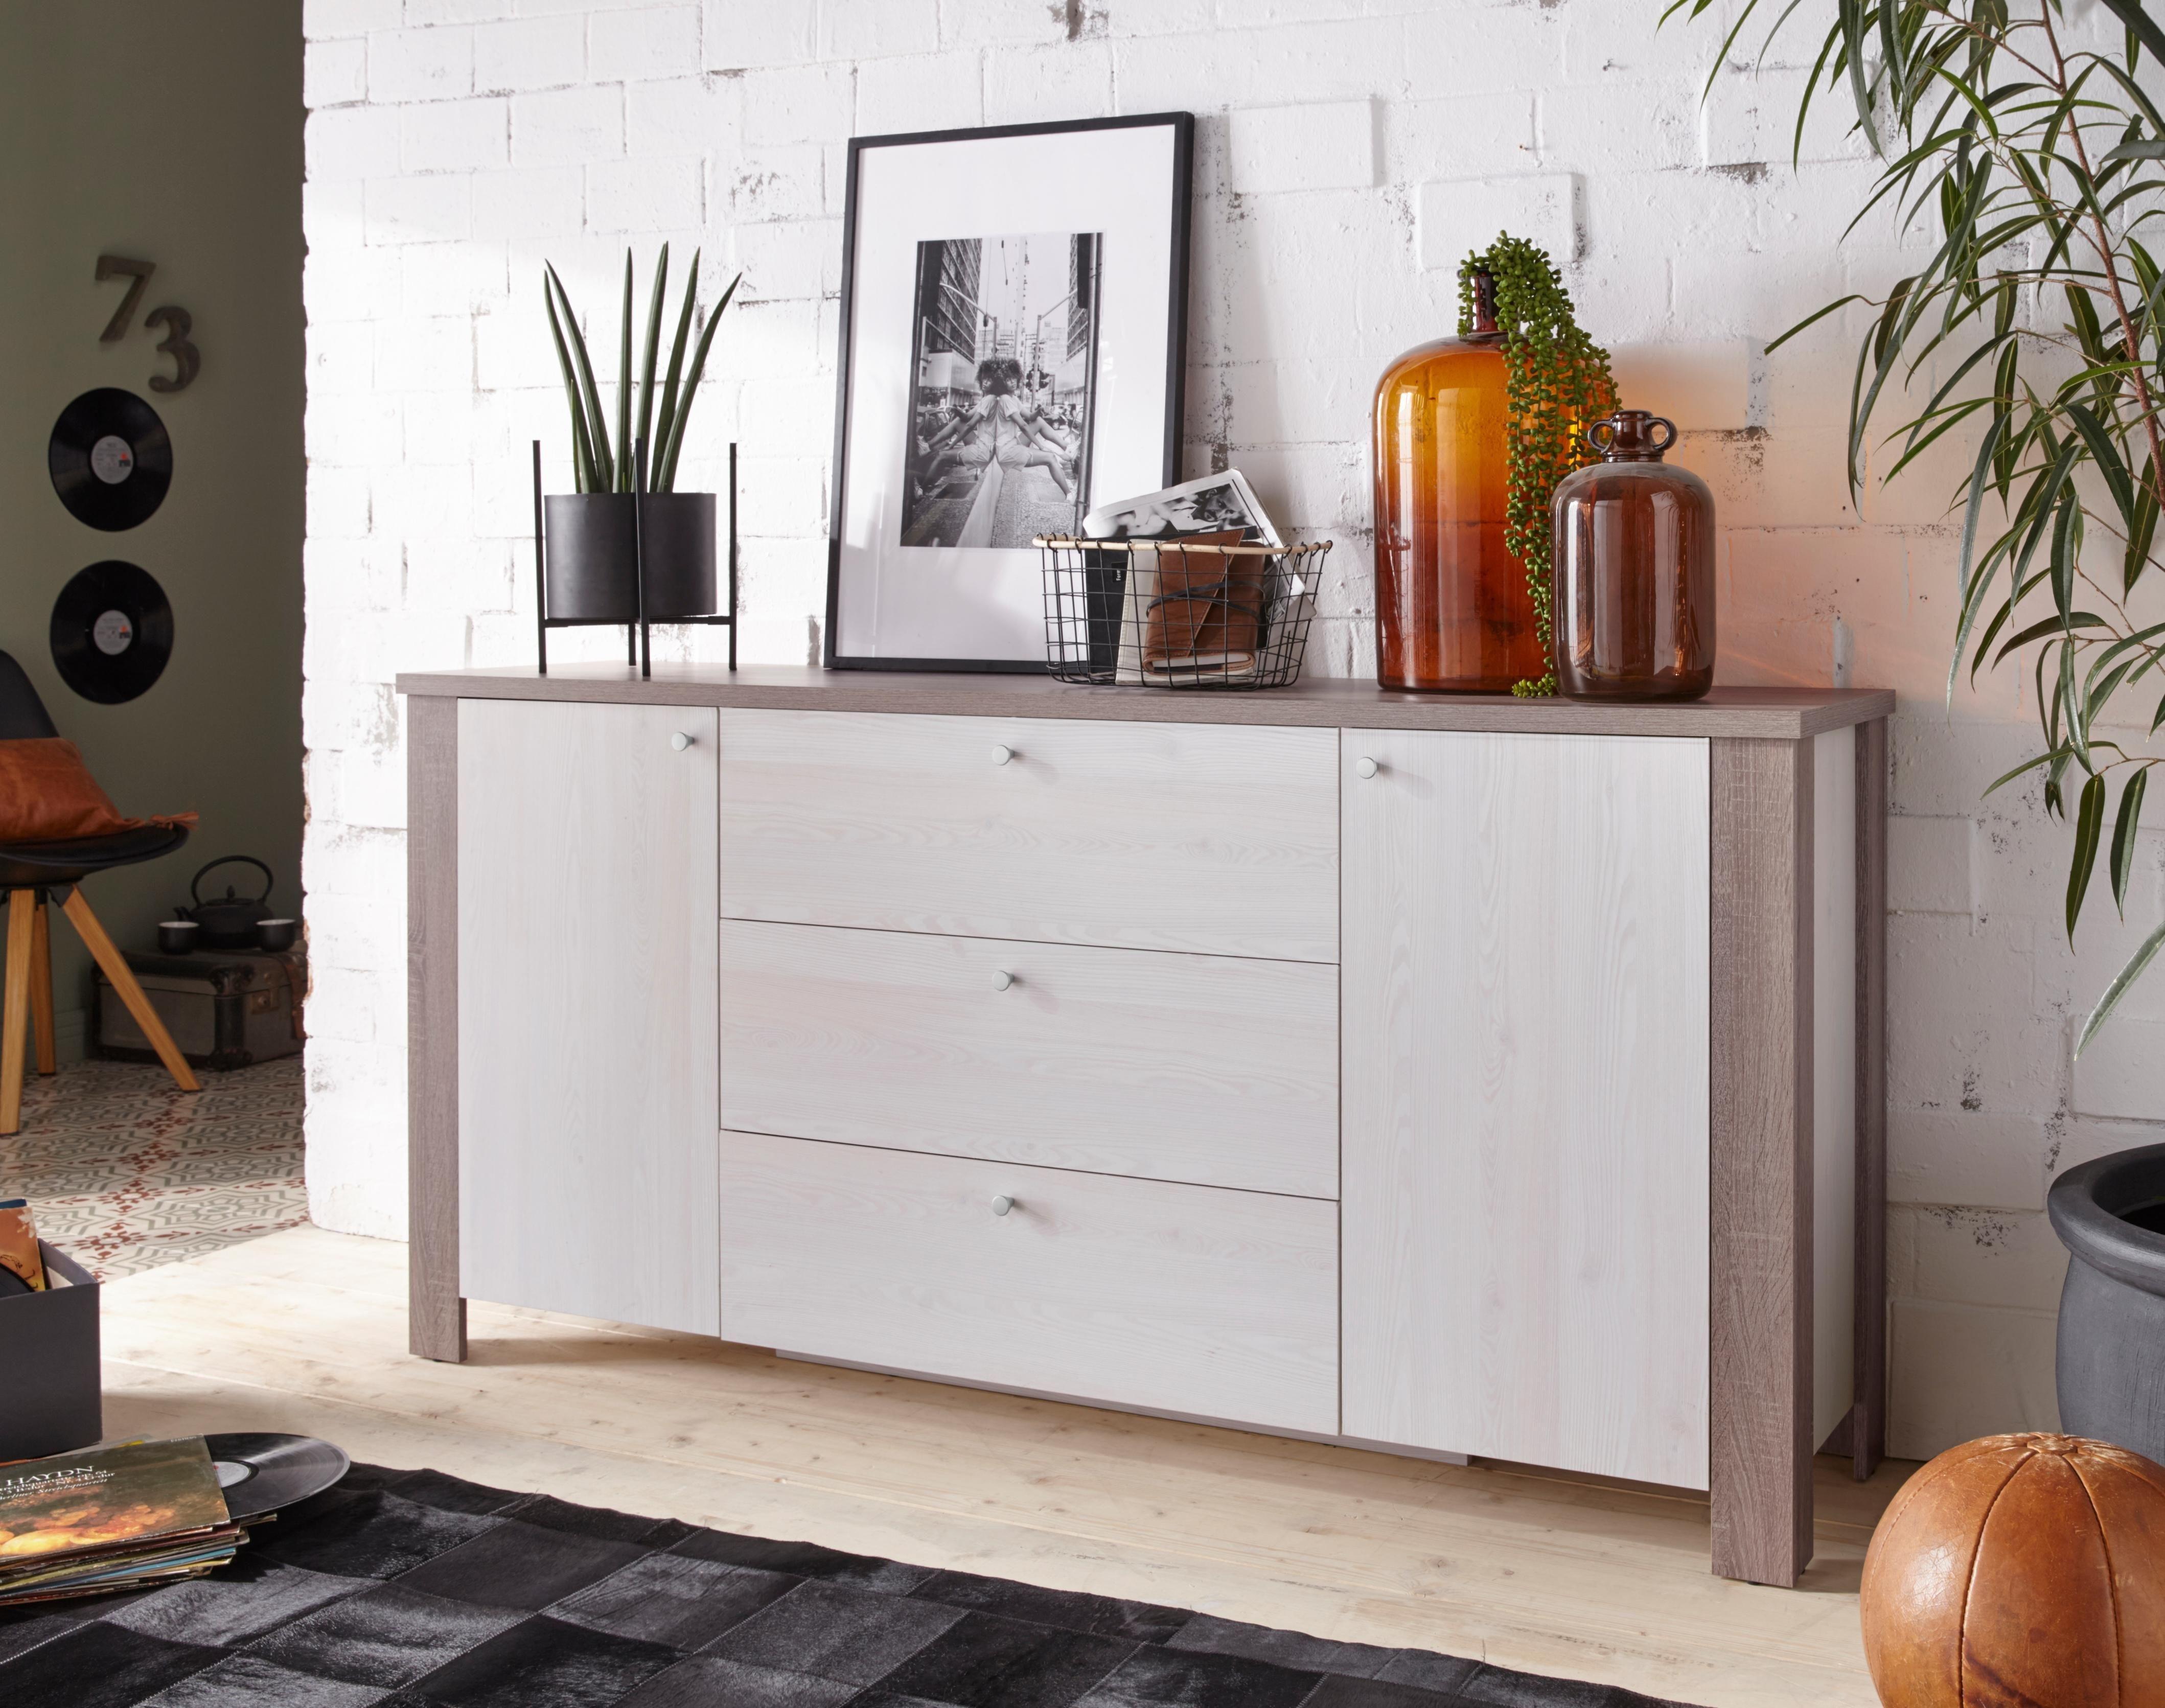 design kommode schlafzimmer | kommoden badezimmer | kommode